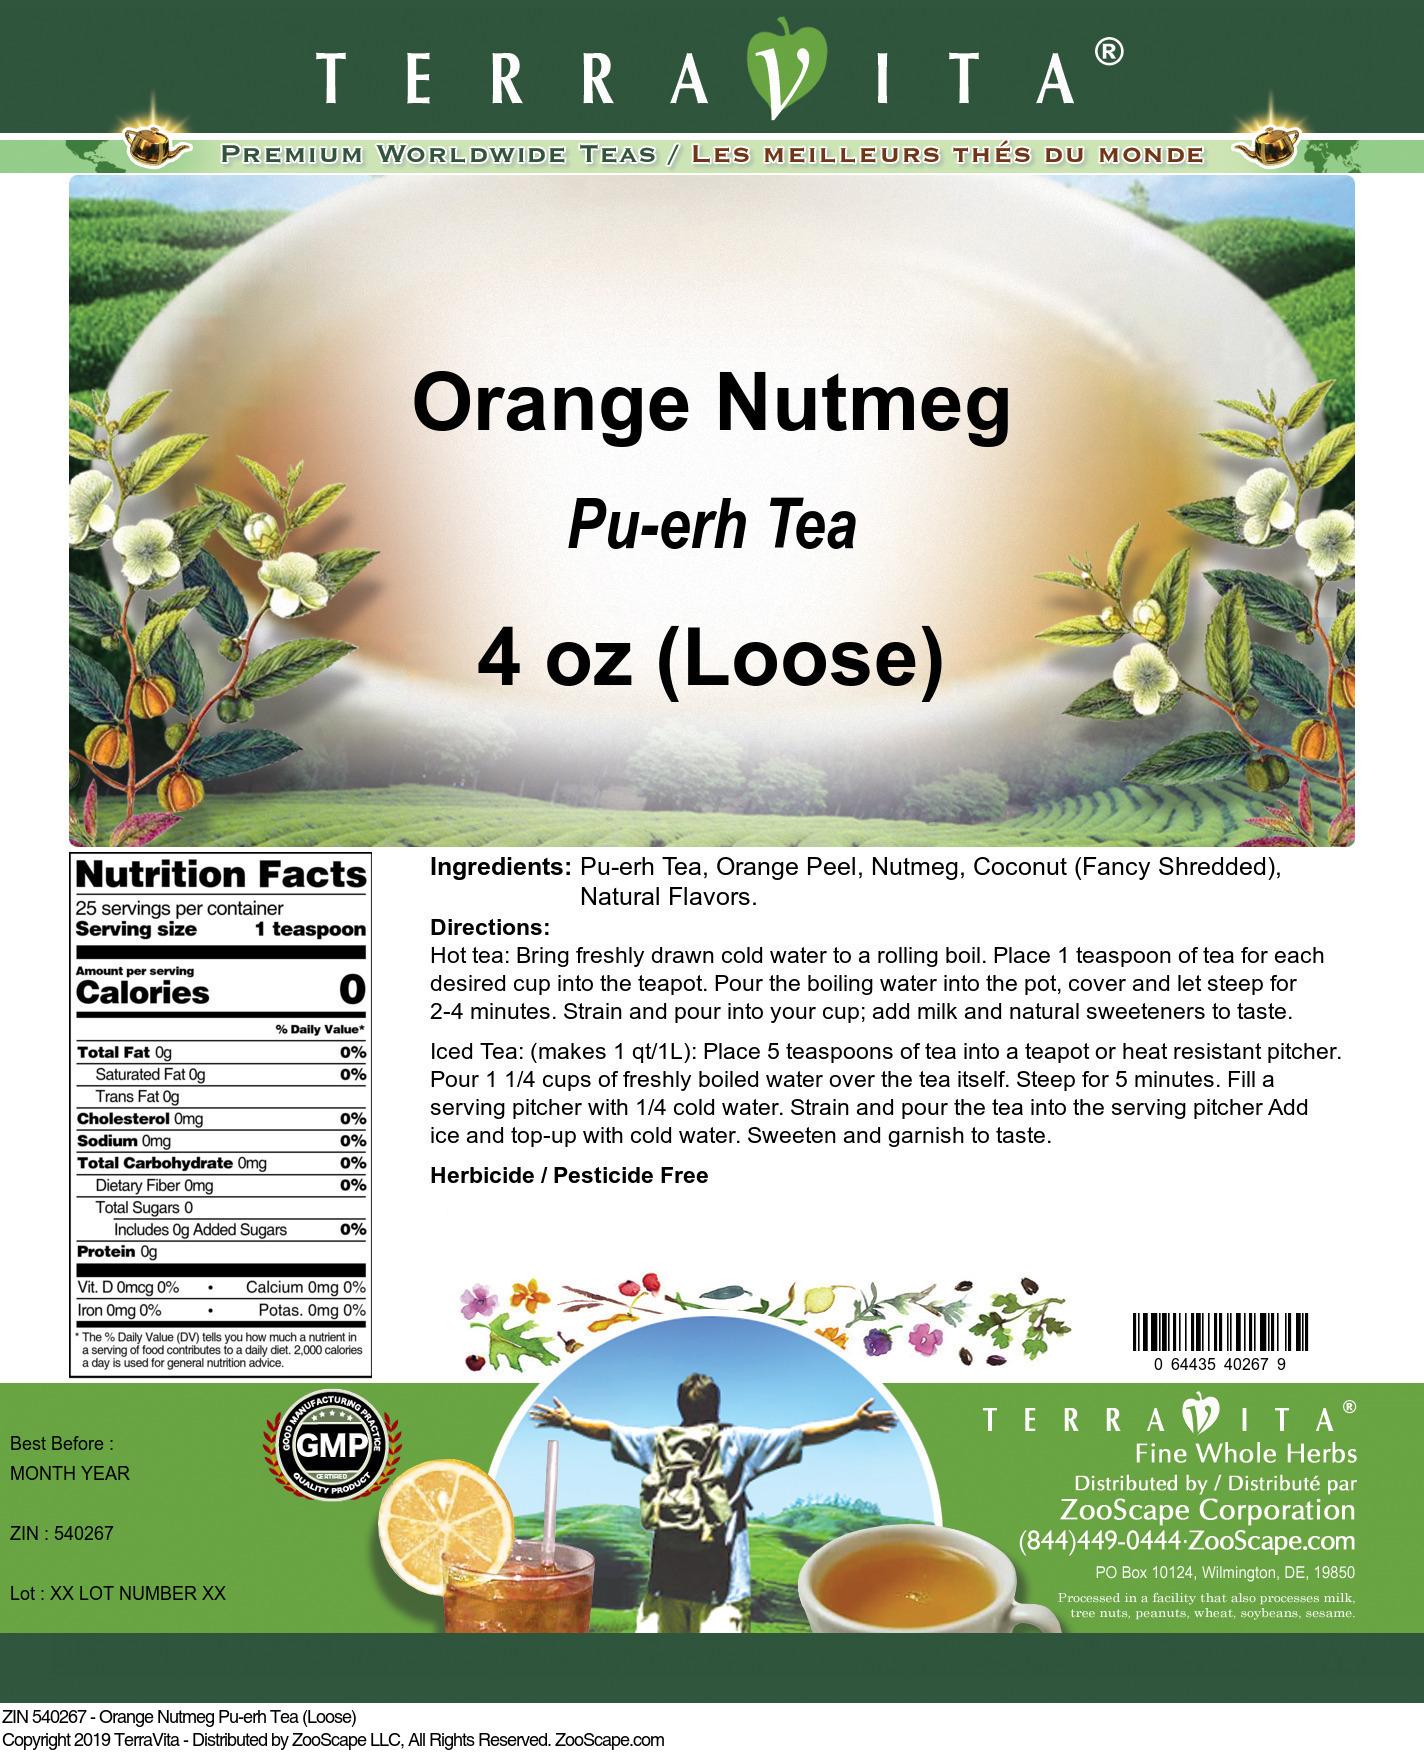 Orange Nutmeg Pu-erh Tea